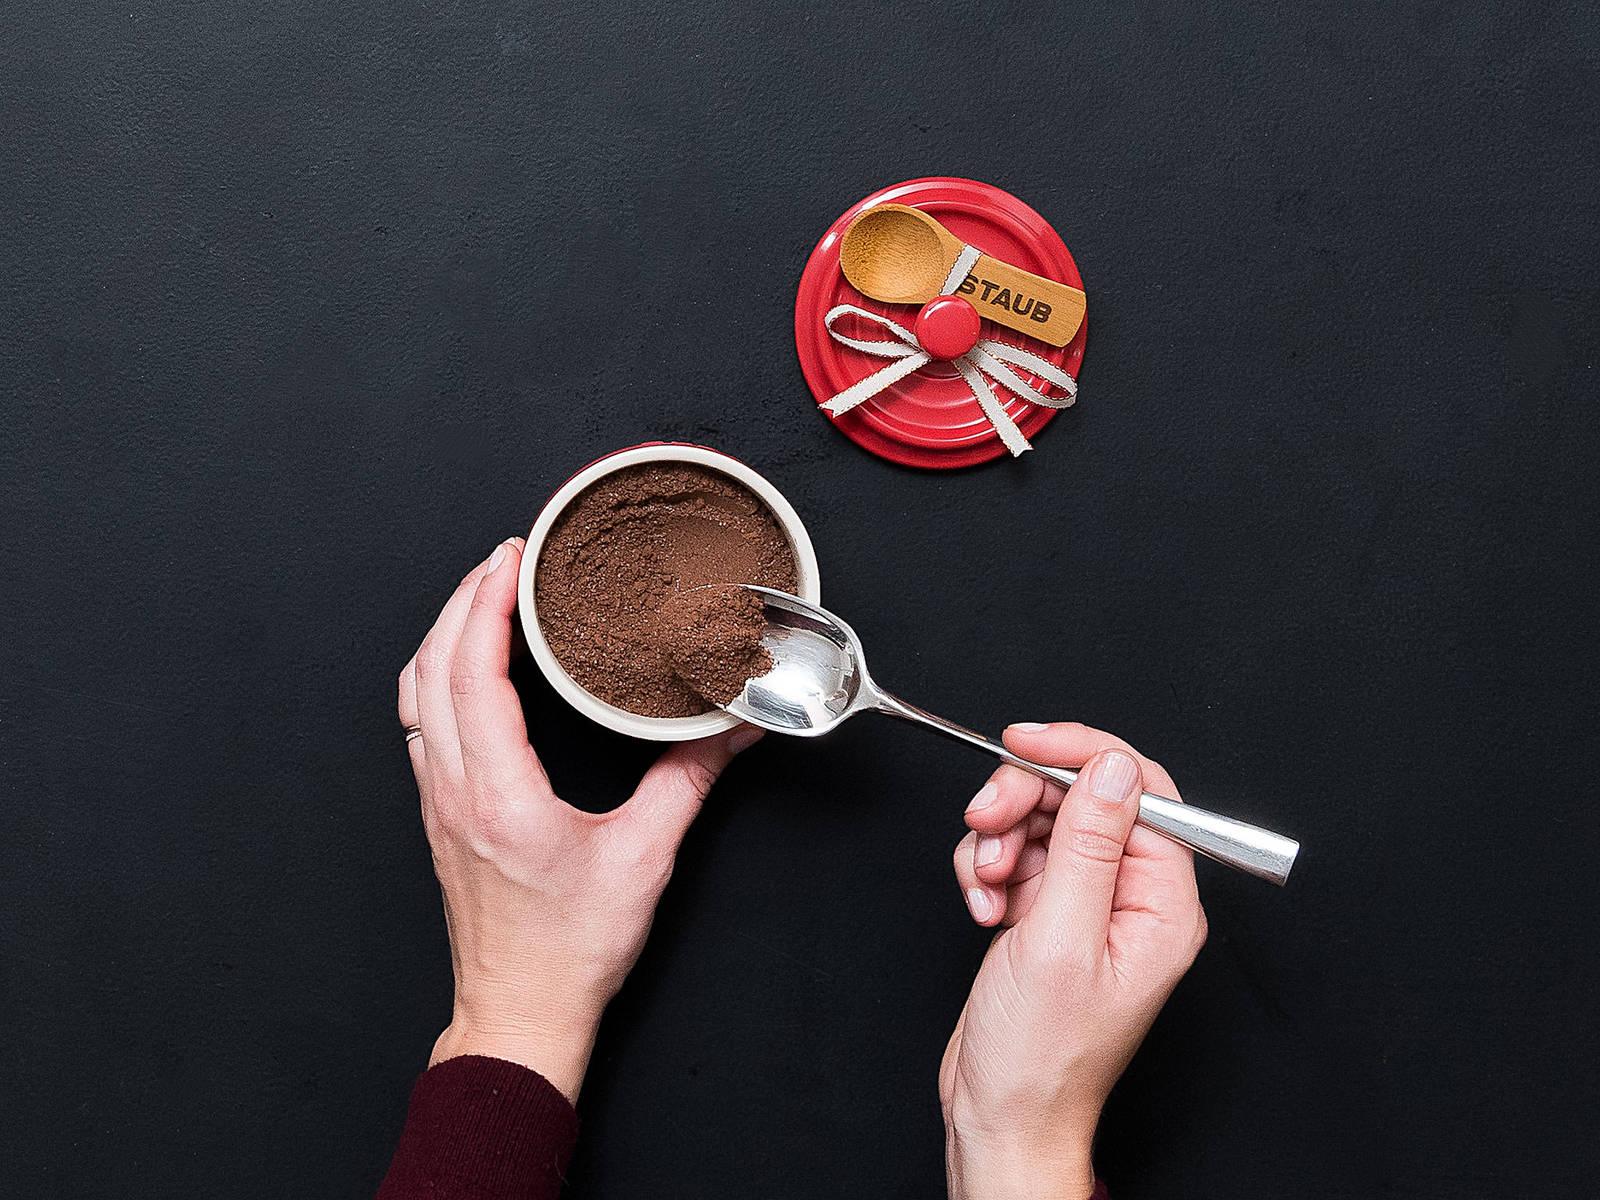 将香料巧克力粉放到密封容器中,每3汤匙巧克力粉对应倒入一杯(230毫升)牛奶中。祝好胃口!